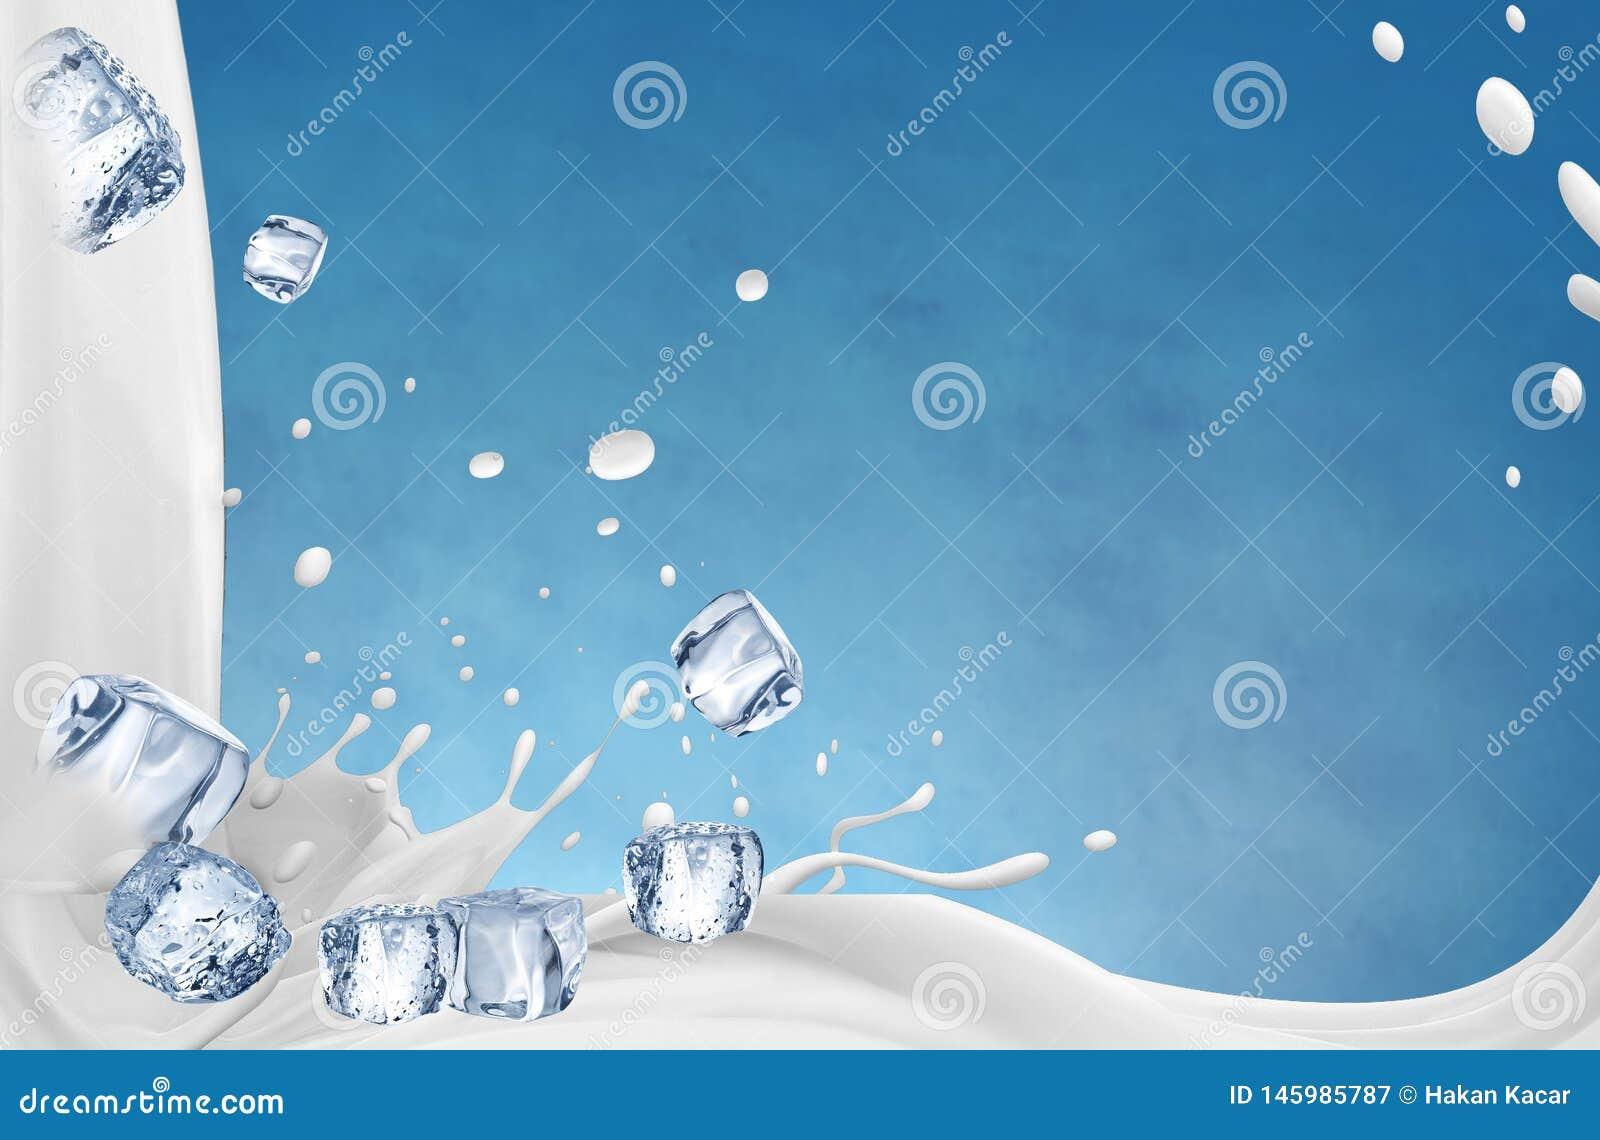 Ilustraci?n 3D El ejemplo del chapoteo de la leche, leche realista salpica